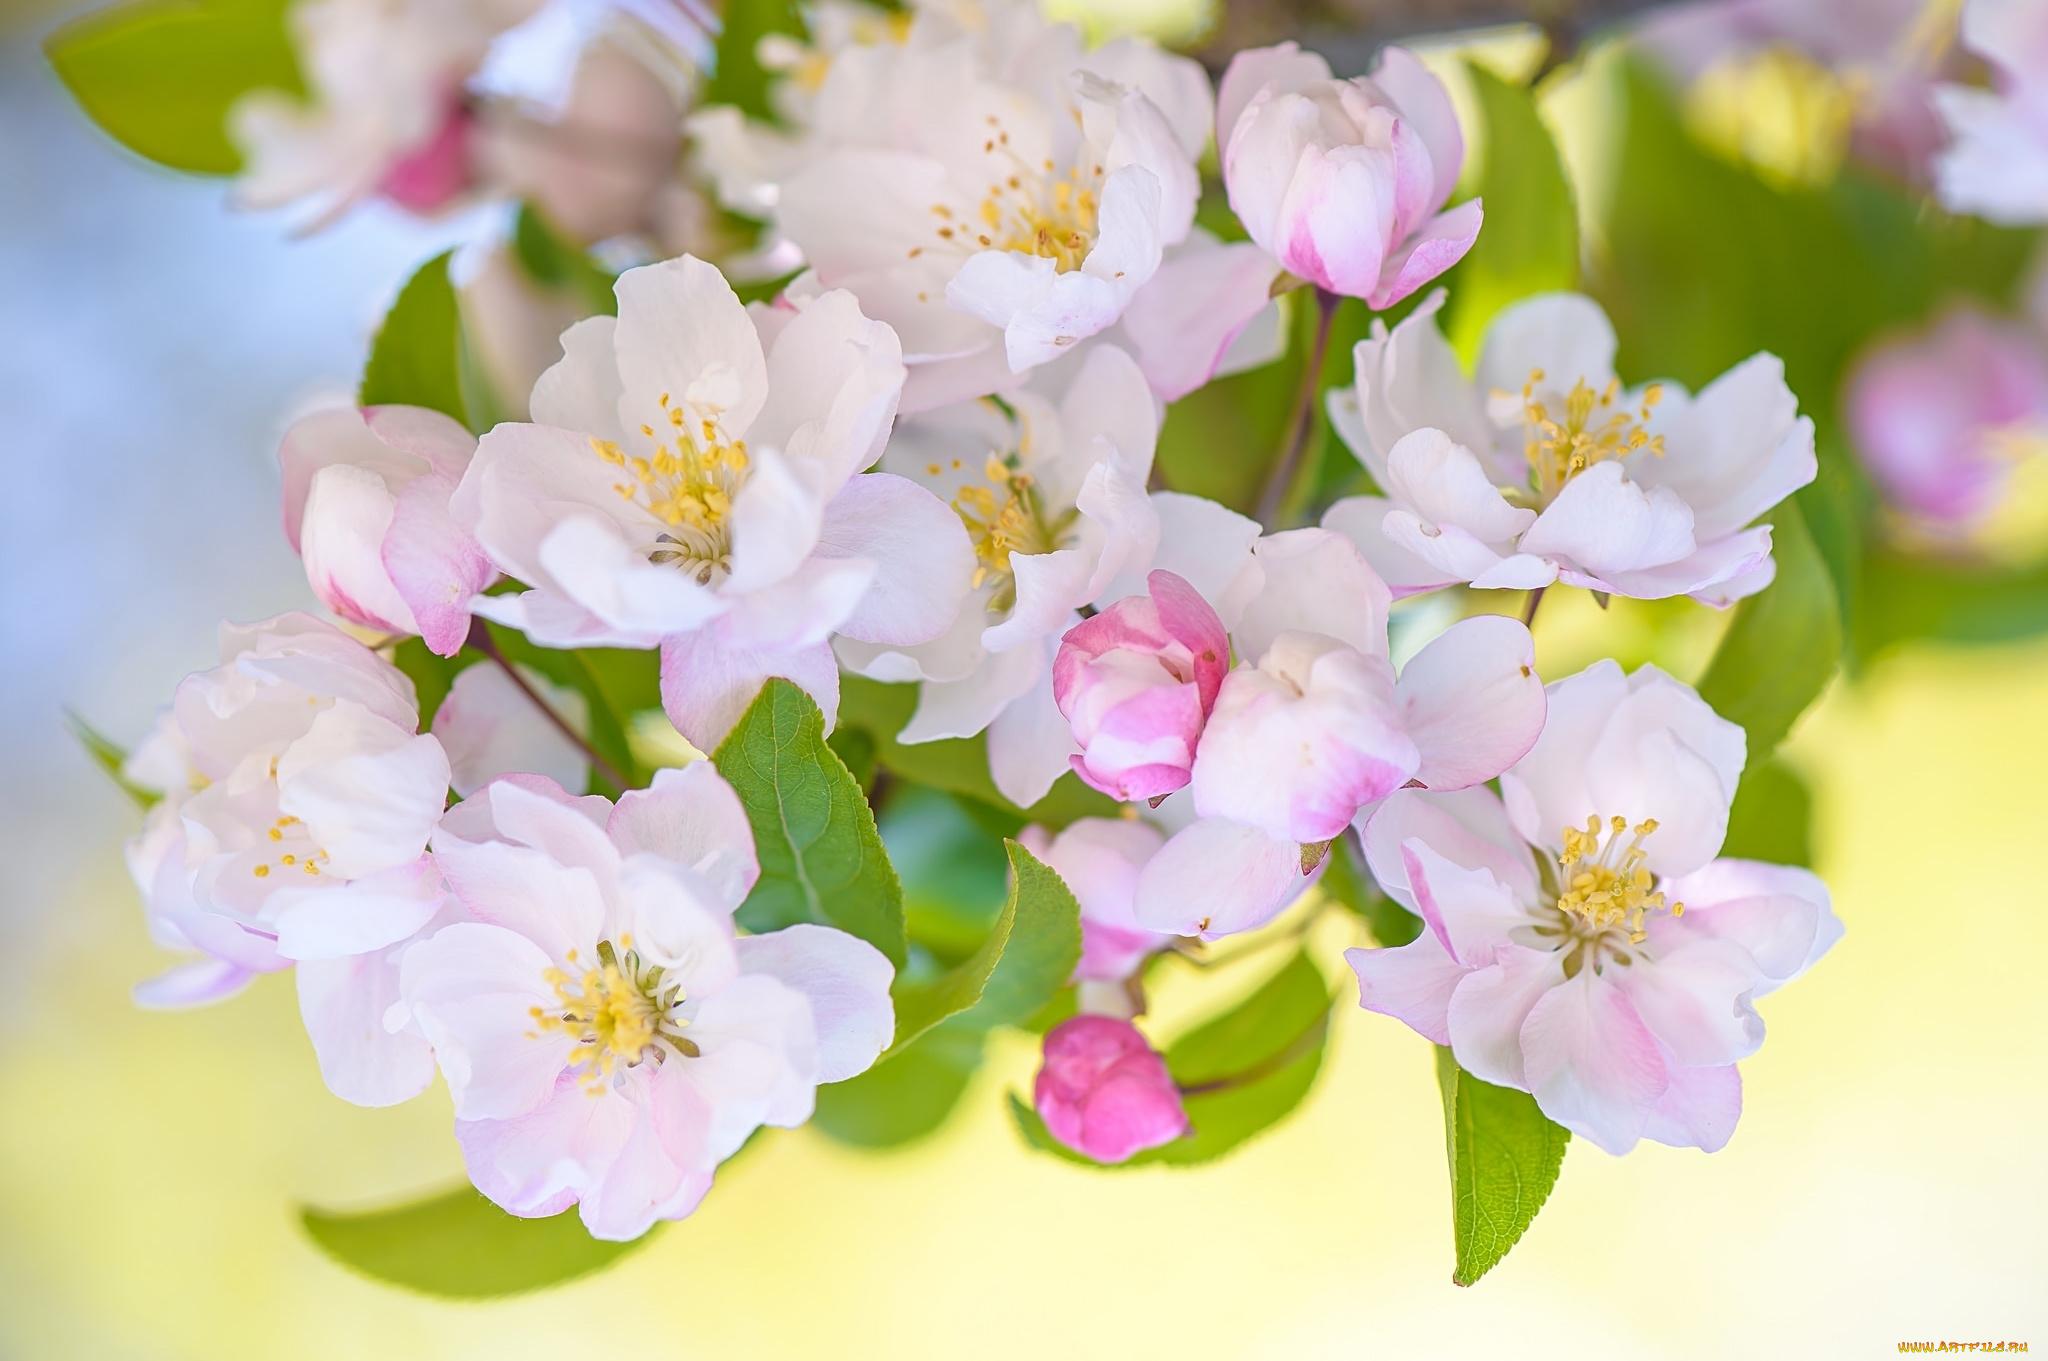 Яблоневый цвет картинки, маме марта